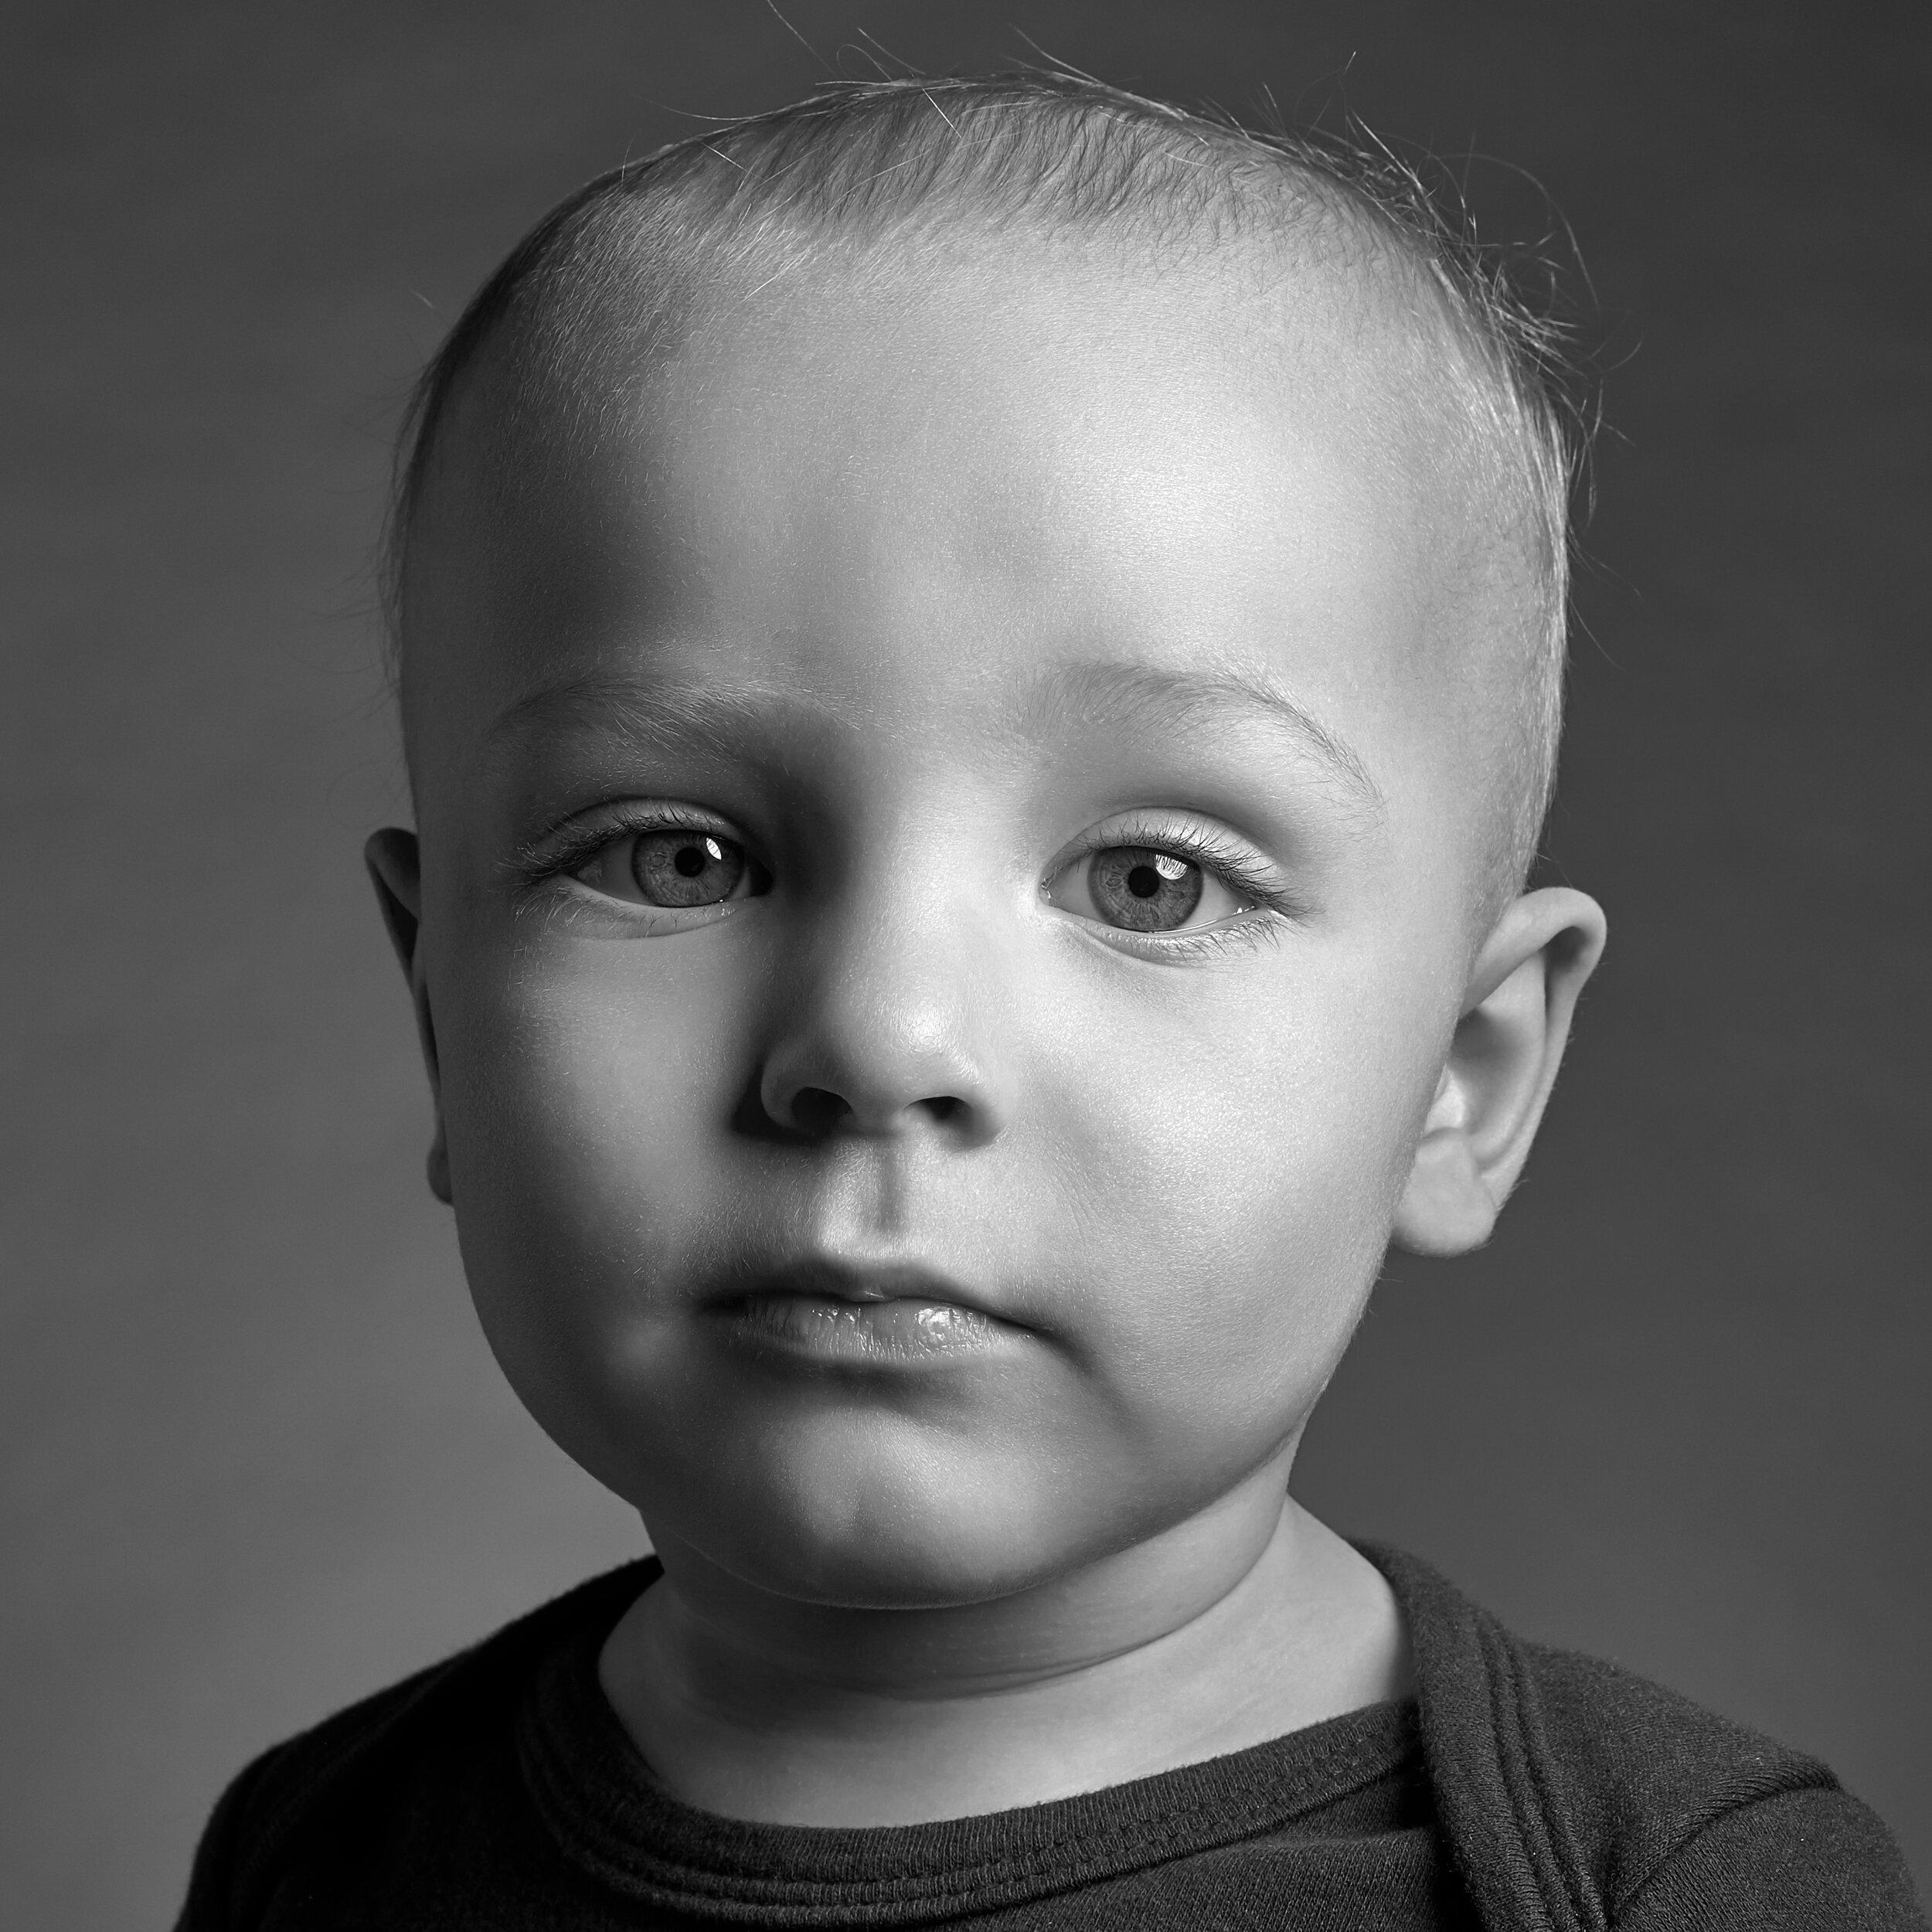 Liam, 16 months